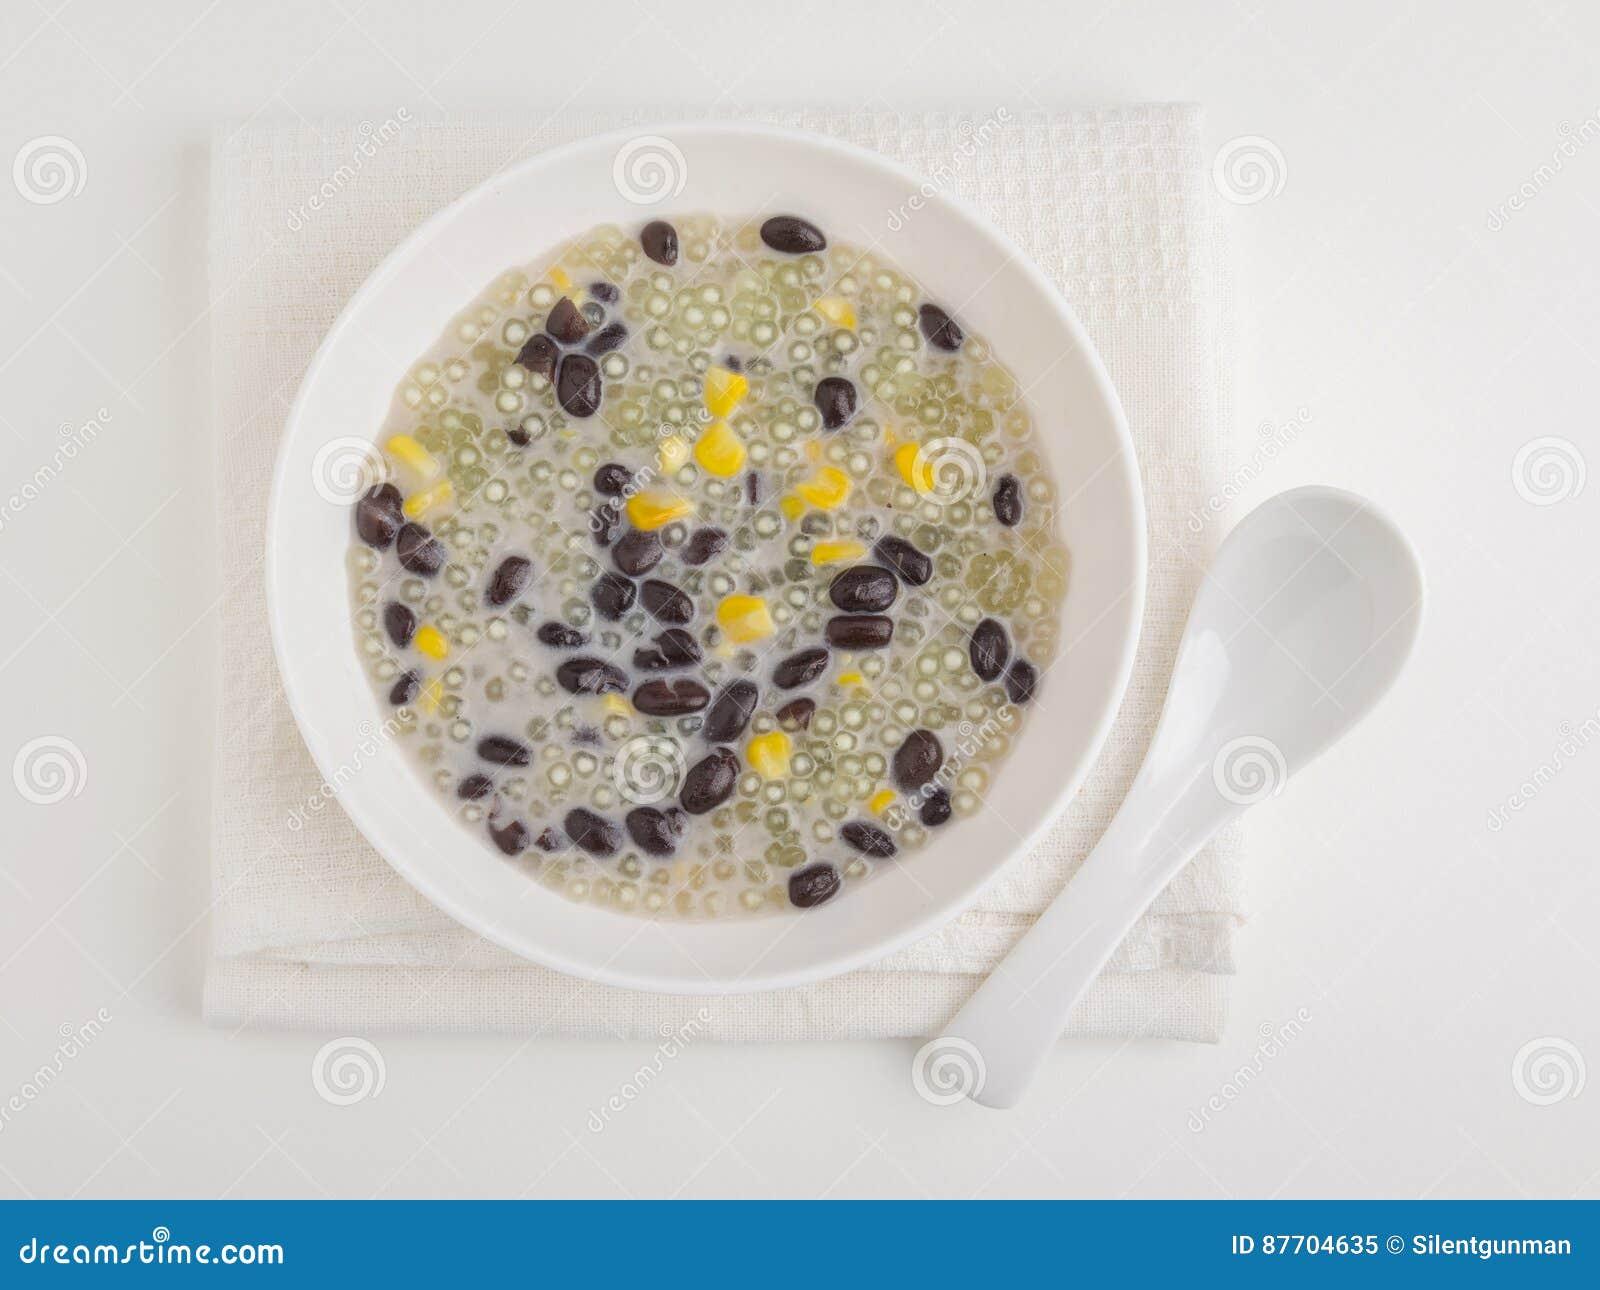 Sagou blanc sweetmeal